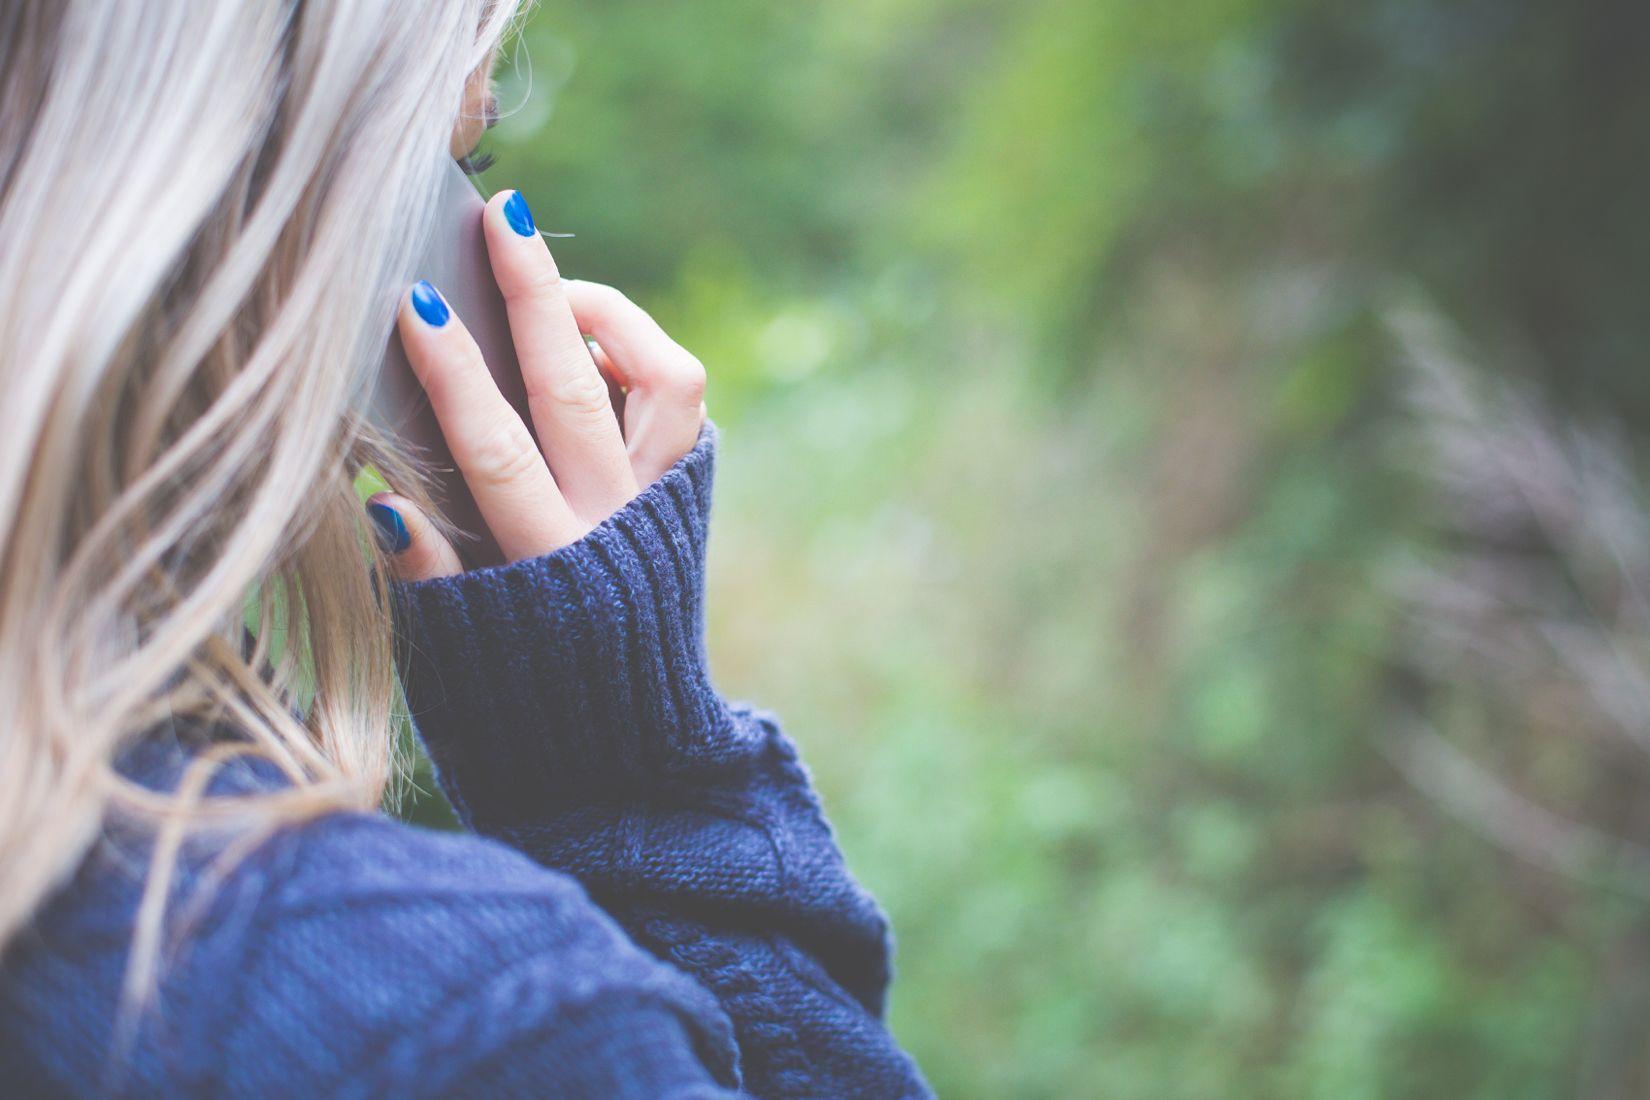 Miten onnistua puhelinhaastattelussa? Älä sano näitä asioita